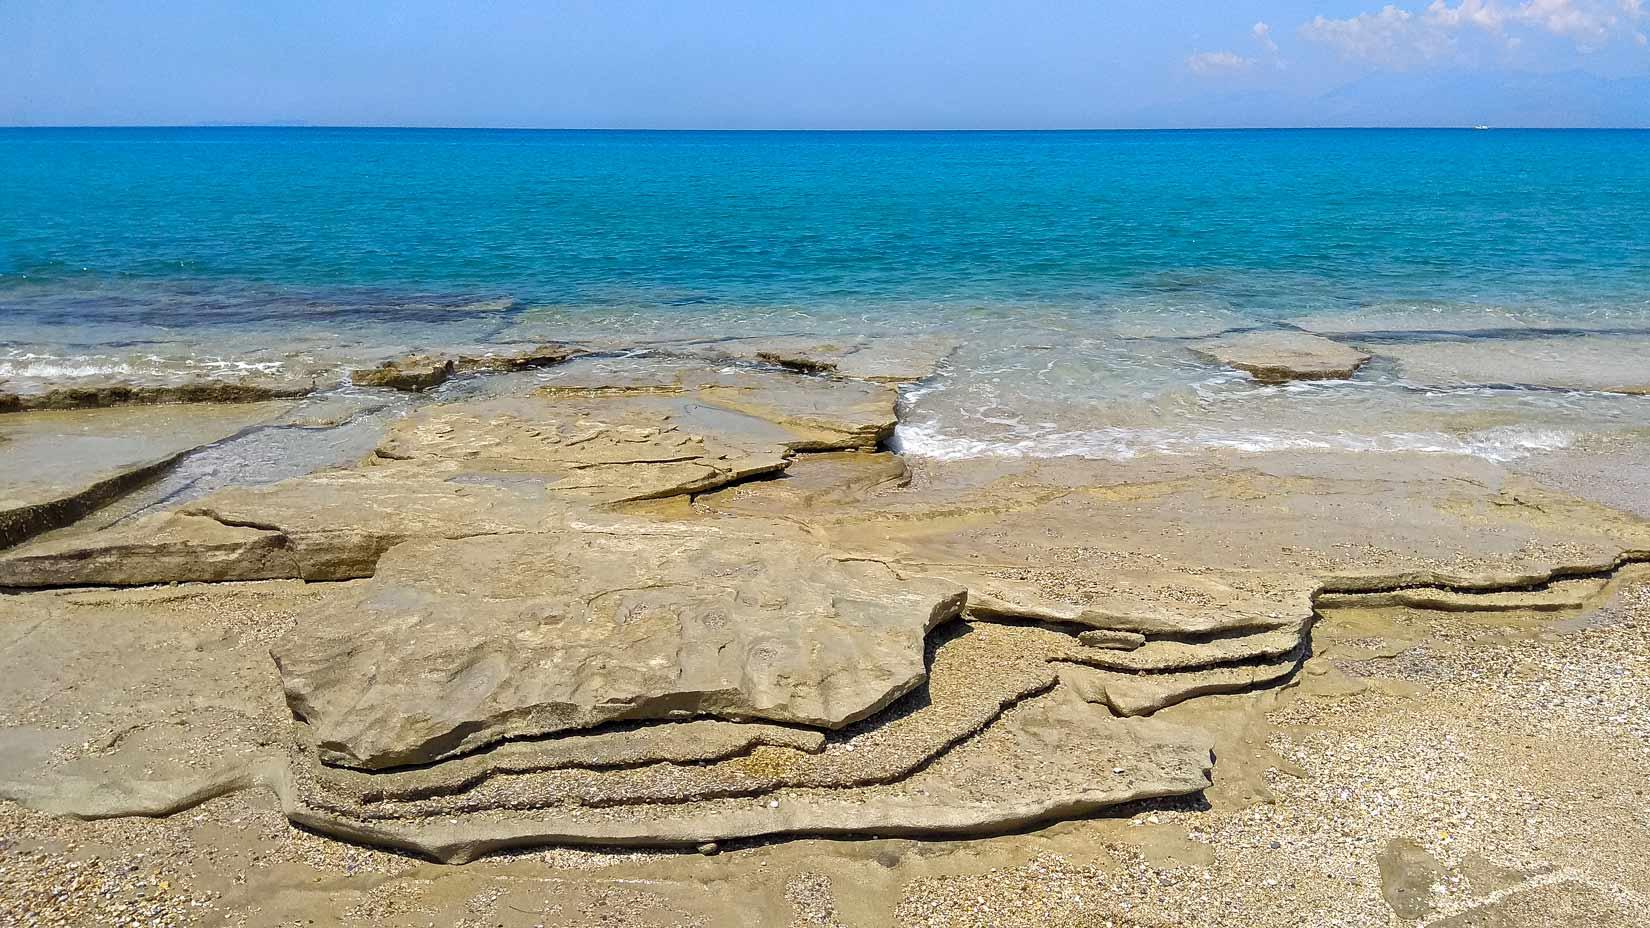 Pláž Almiros východně od Acharavi je tvořena dílem pískovcovými pláty, dílem oblázky. Krásný kus světa Korfu...